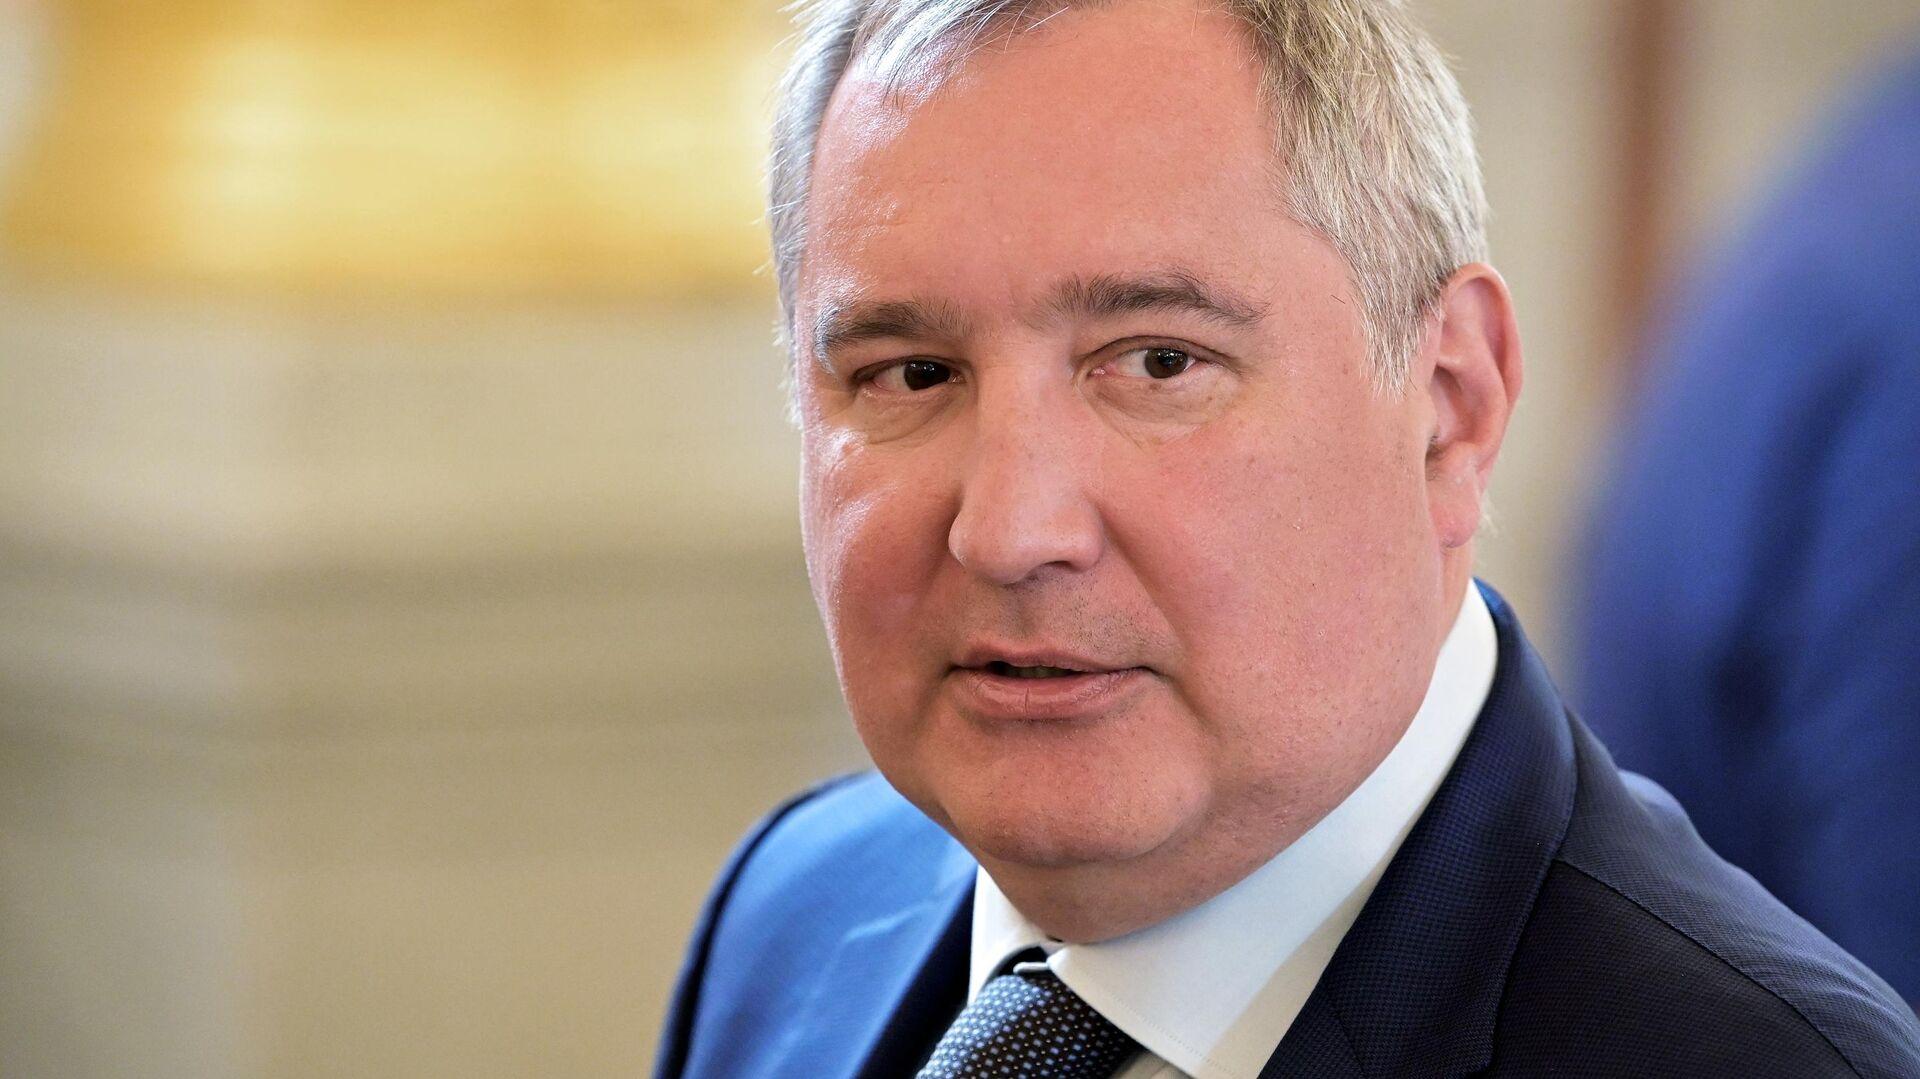 Рогозин назвал новые санкции США против российских компаний незаконными